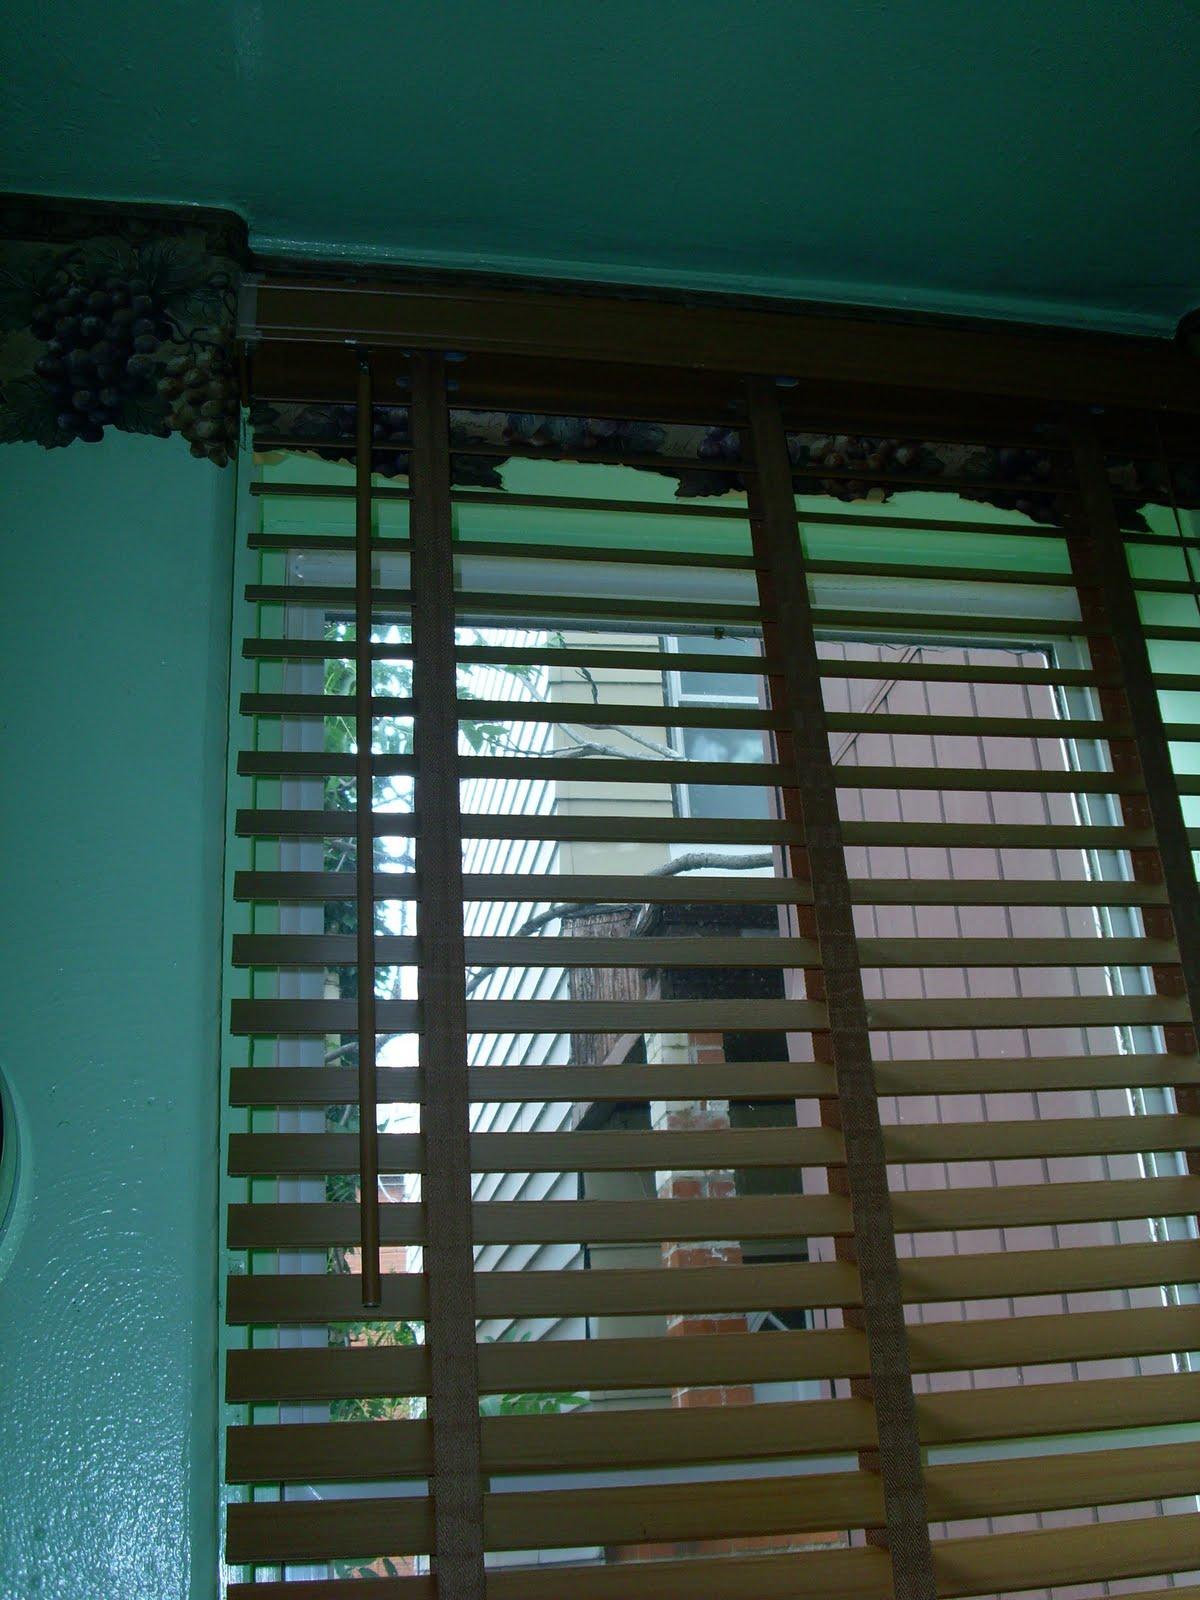 http://1.bp.blogspot.com/_dawA-N0ooFw/TAvpD8n0GhI/AAAAAAAAAAc/uRkkRTlJi7Y/s1600/window+border.jpg